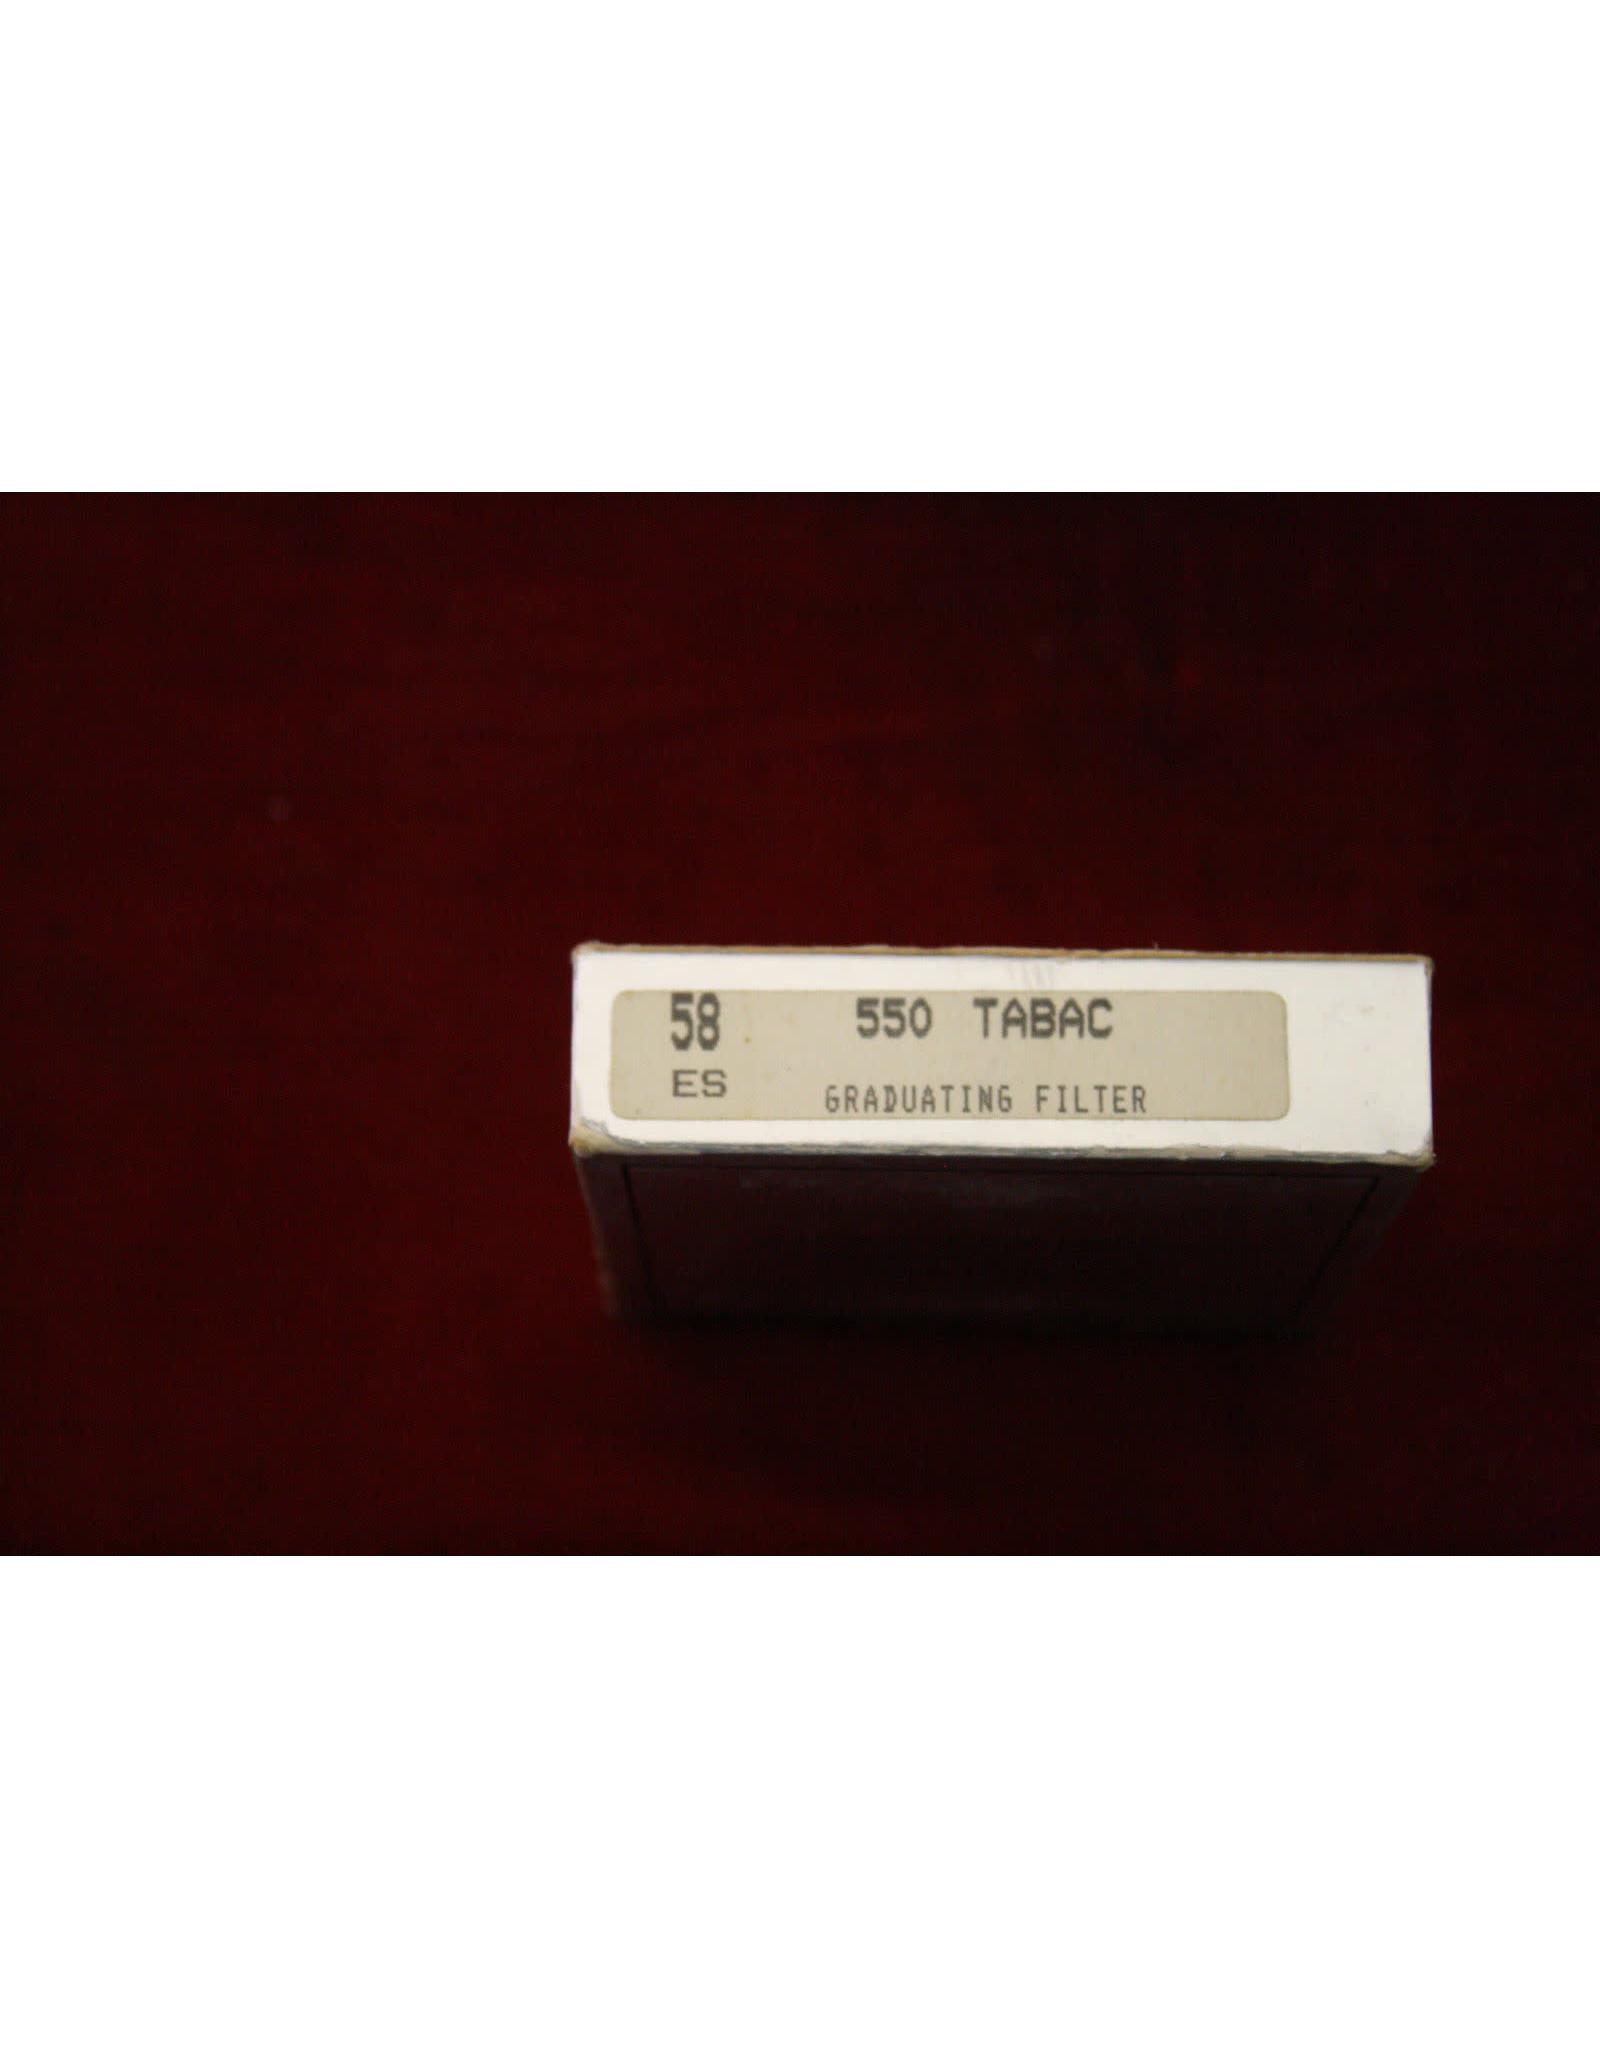 B+W 58mm 550 Tabac Graduating Filter